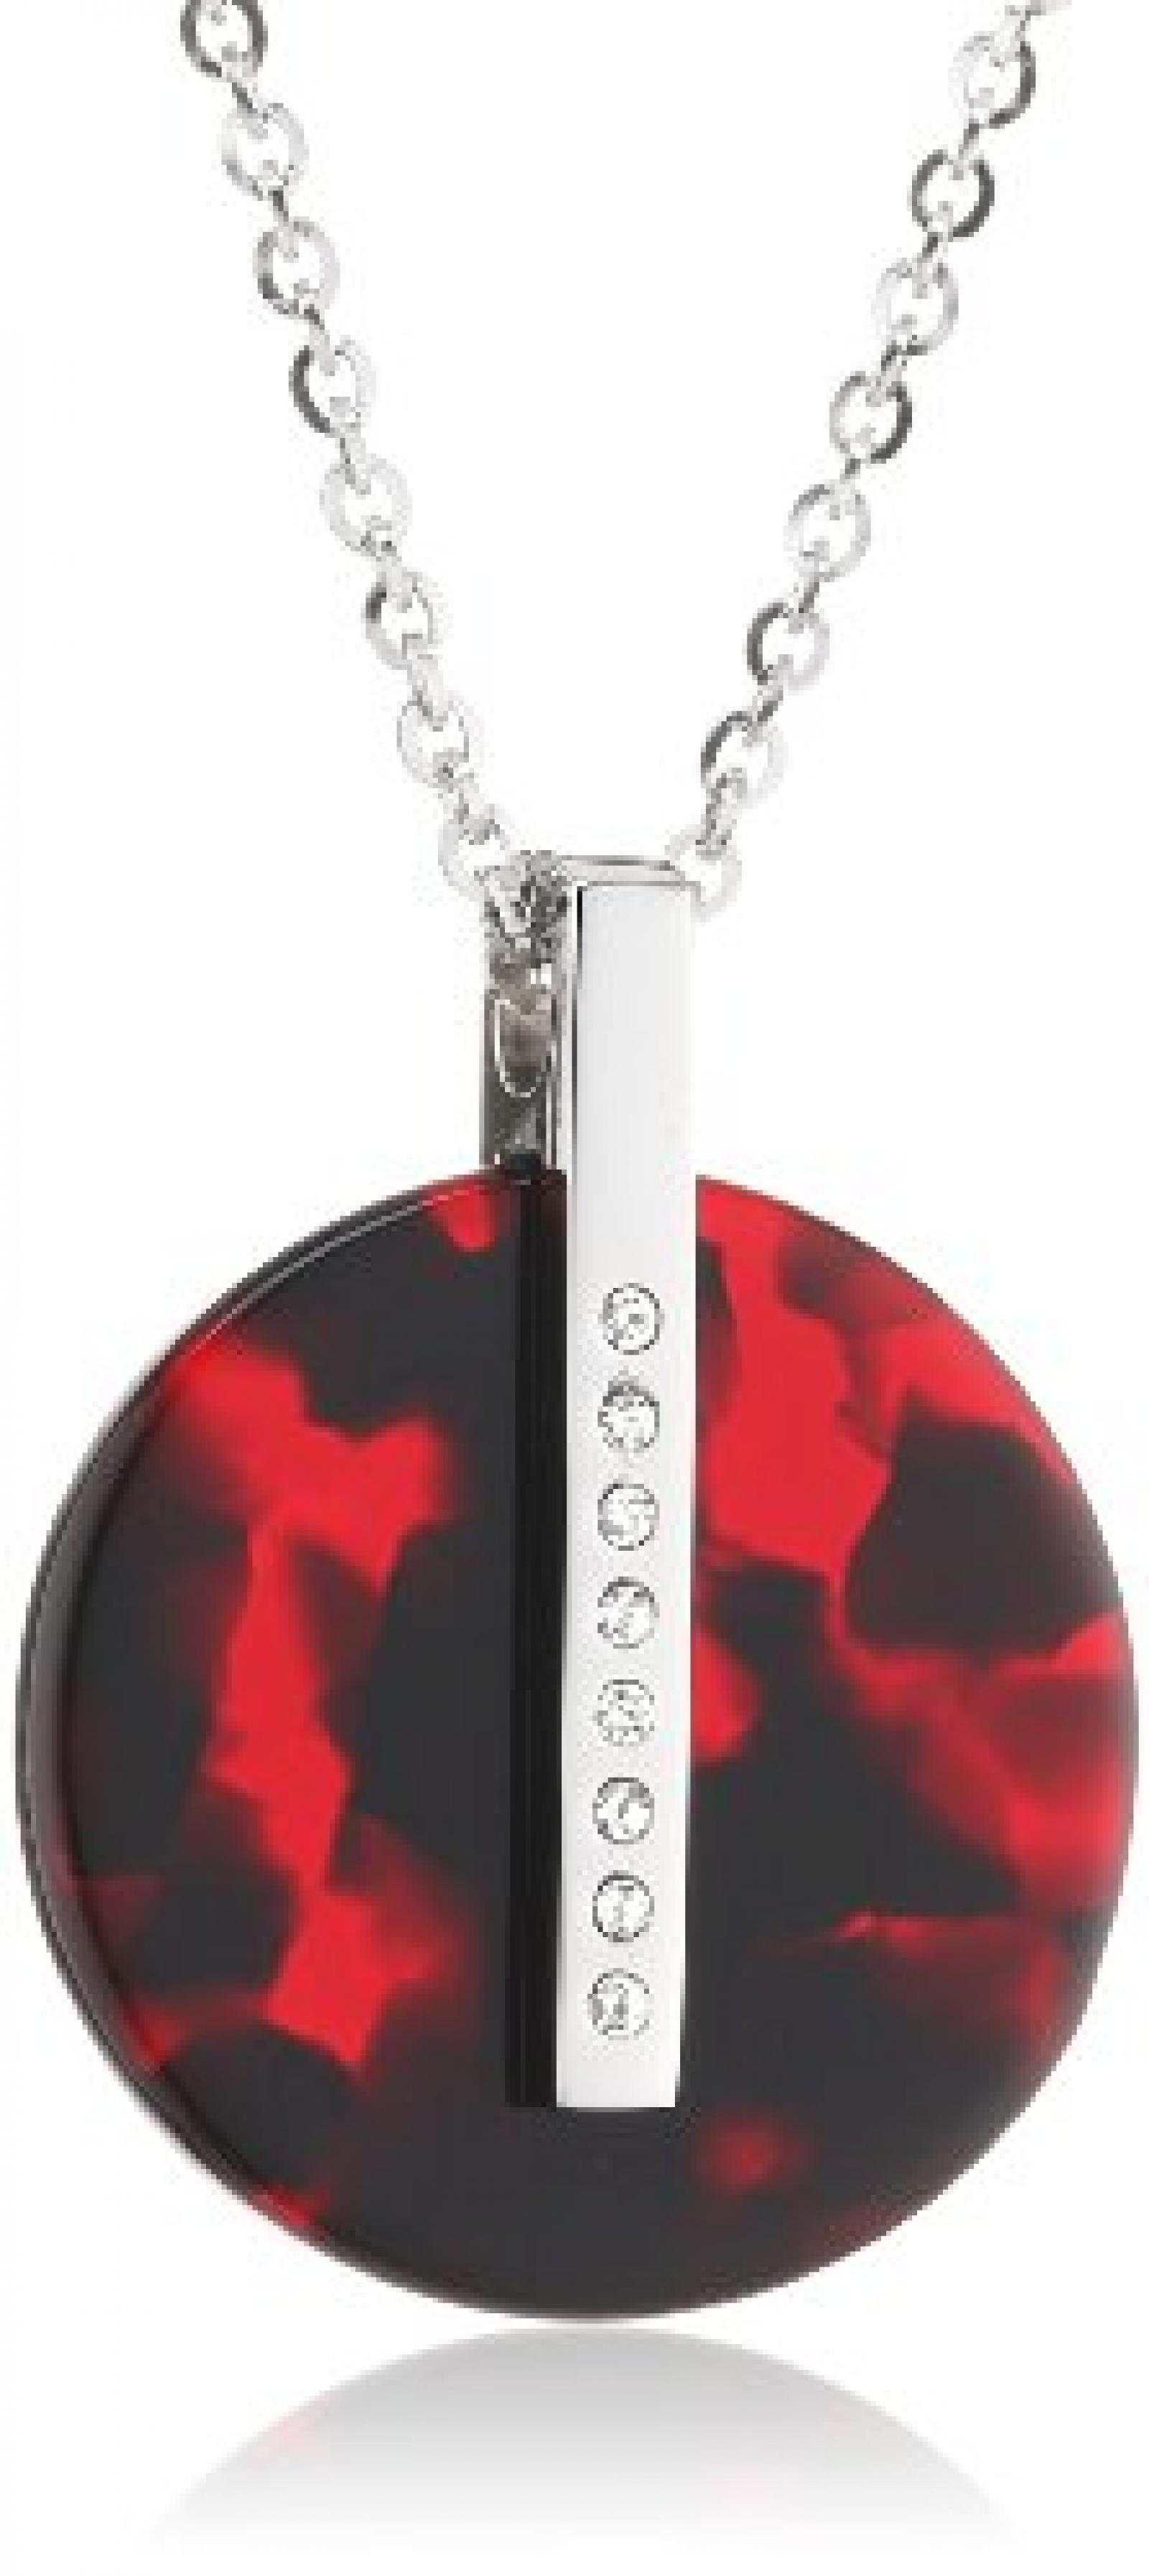 Mike Ellis New York Damen Halskette Edelstahl Acryl rot 42.0 cm S188 IPS